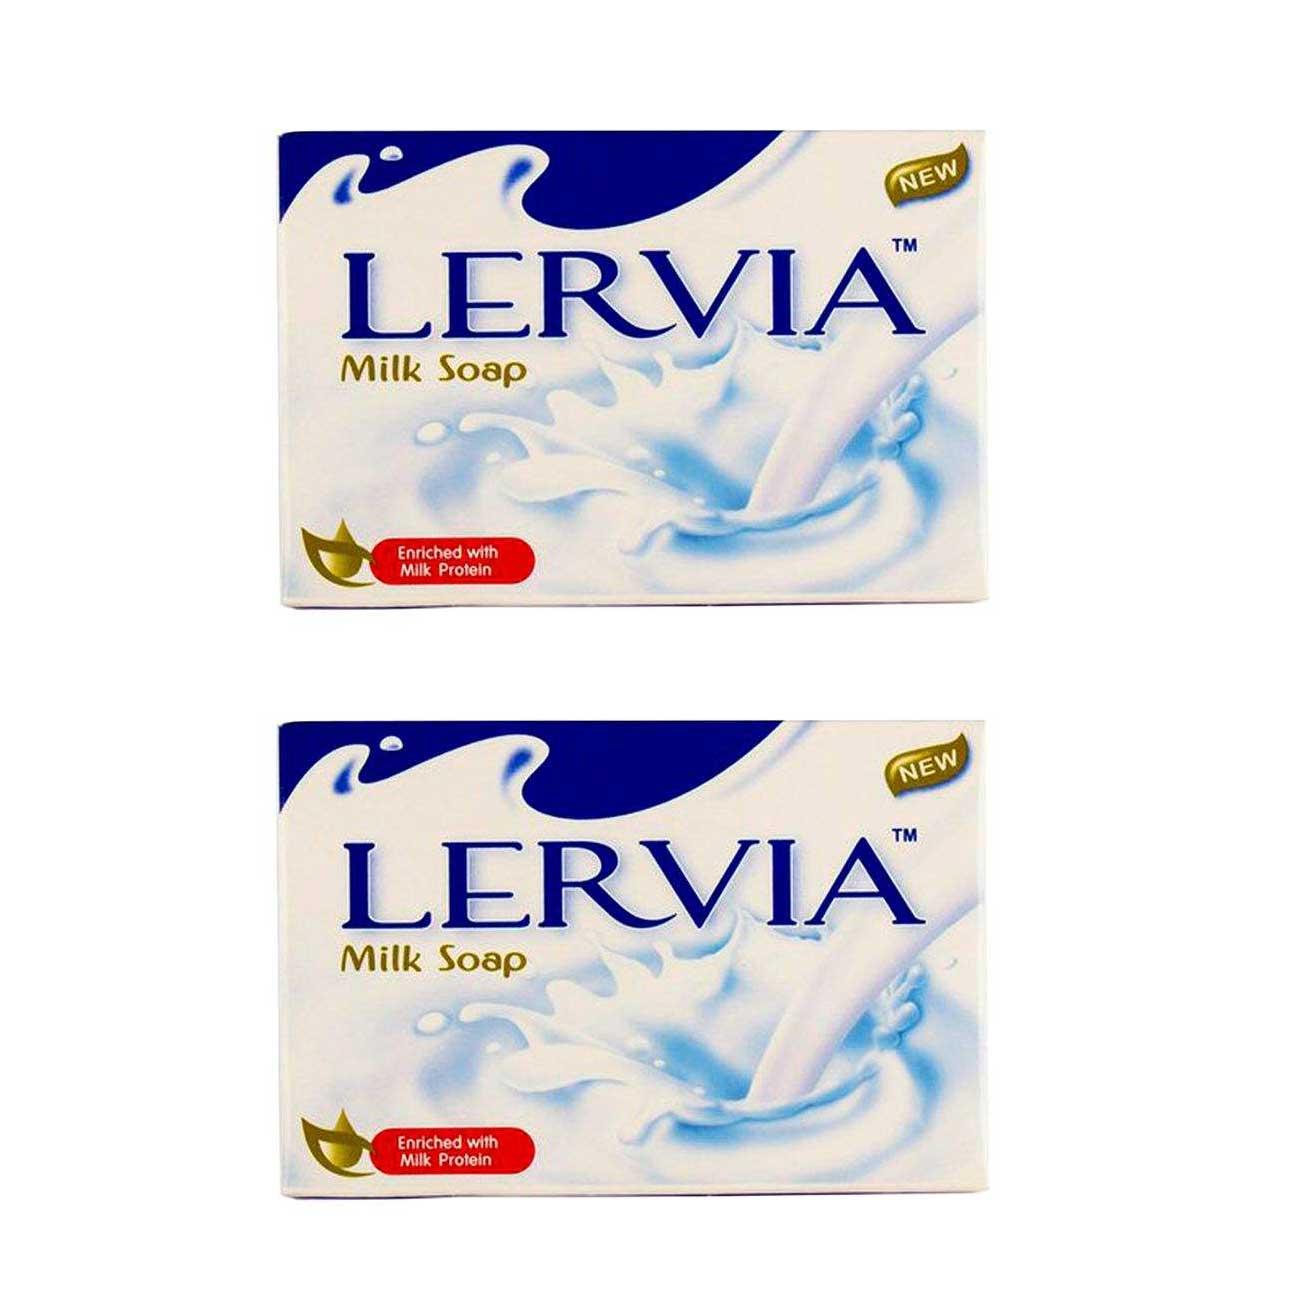 صابون سفید کننده و روشن کننده لرویا مدل شیری وزن 90 گرم بسته 2 عددی